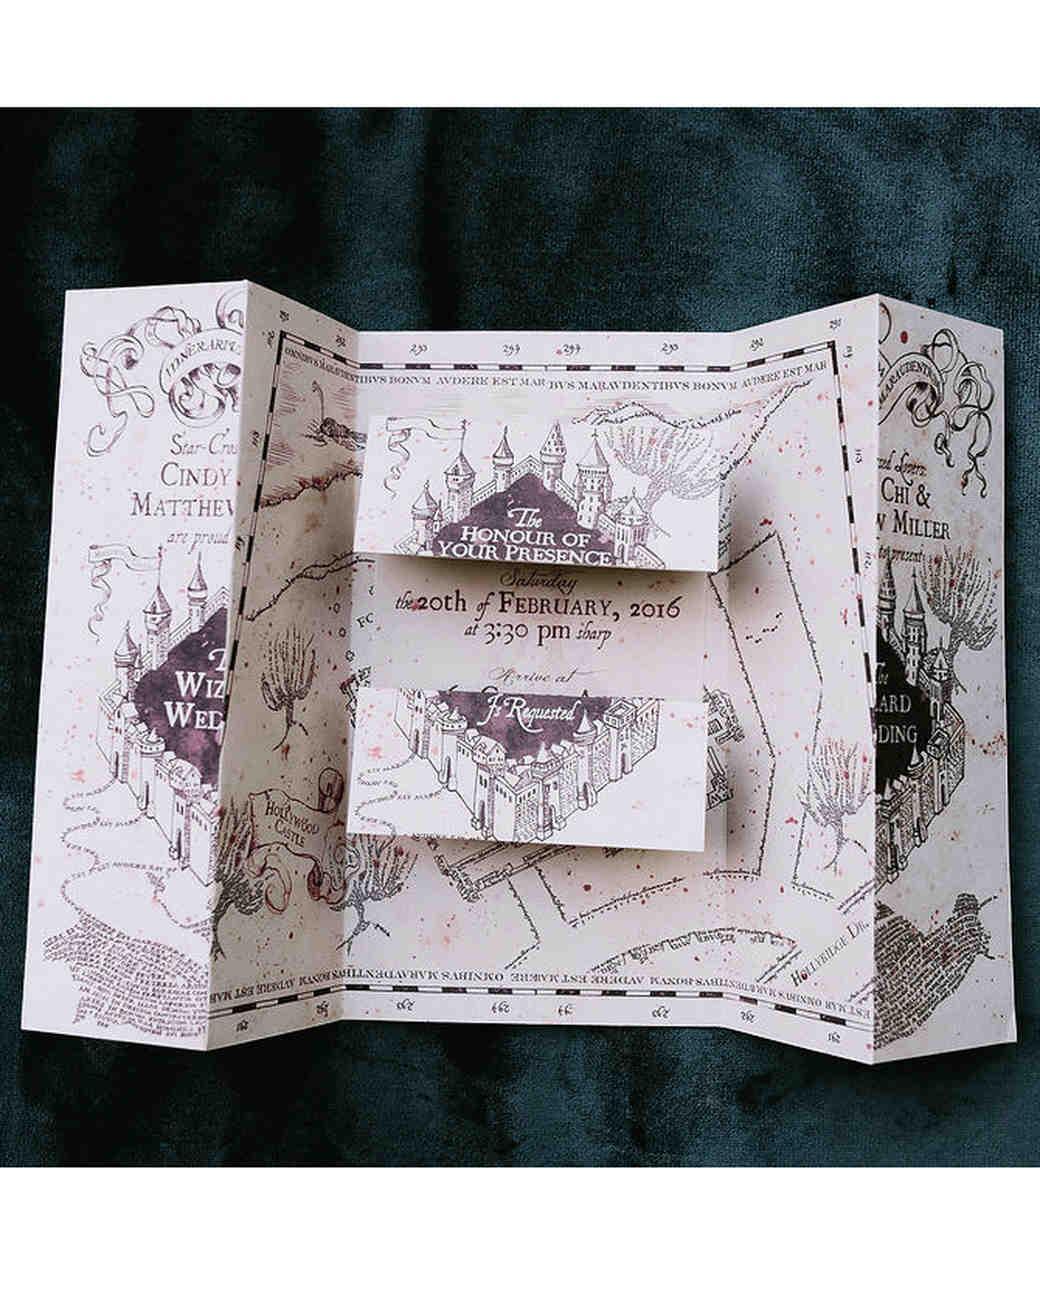 L'invito alle nozze in stile Mappa del Malandrino